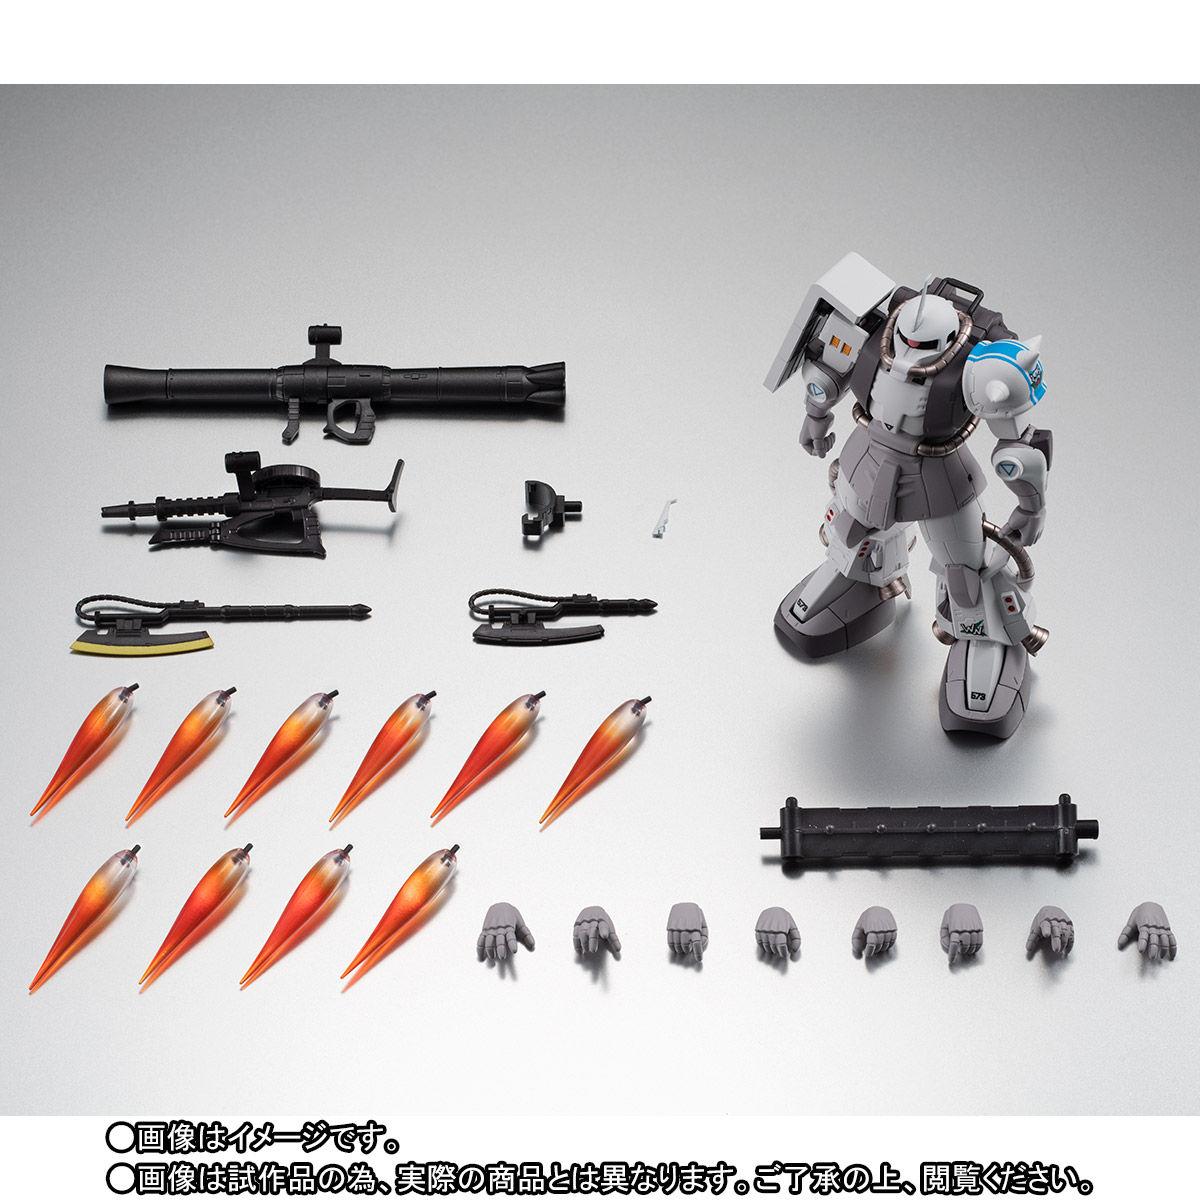 【限定販売】ROBOT魂〈SIDE MS〉『MS-06R-1A シン・マツナガ専用高機動型ザクII ver. A.N.I.M.E.』ガンダムMSV 可動フィギュア-010